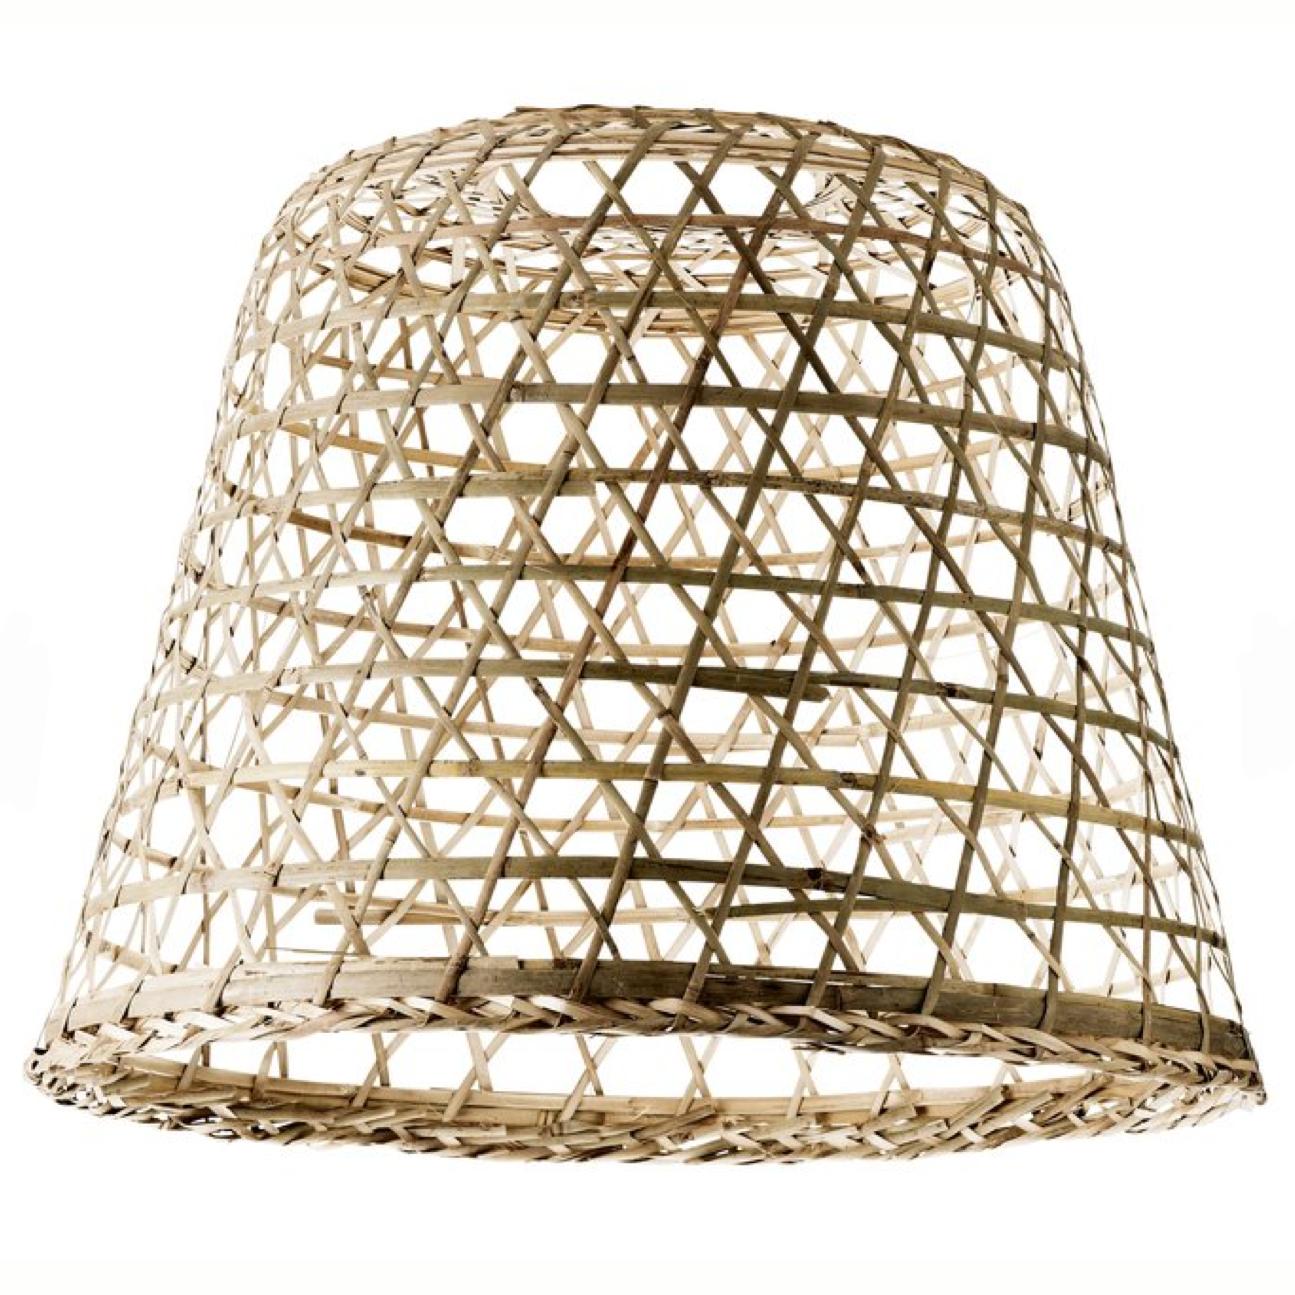 Large Decorative Rattan Lampshade Rattan Lamp Bamboo Lamp